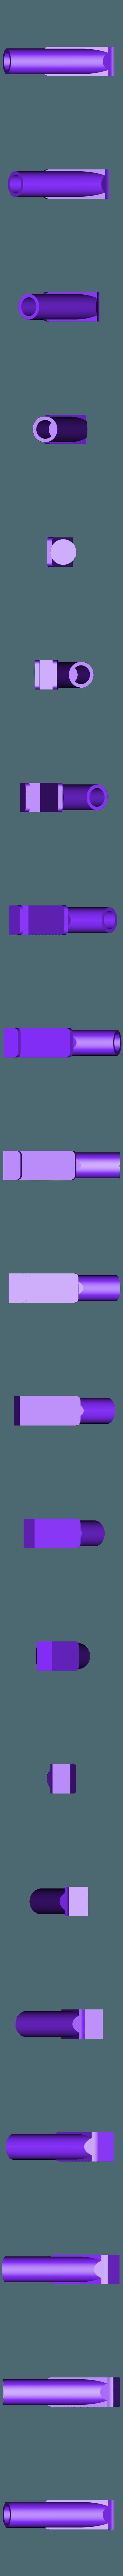 holder-top.stl Download free STL file Prusa i3 frame reinforcement • 3D printer template, MaxMKA